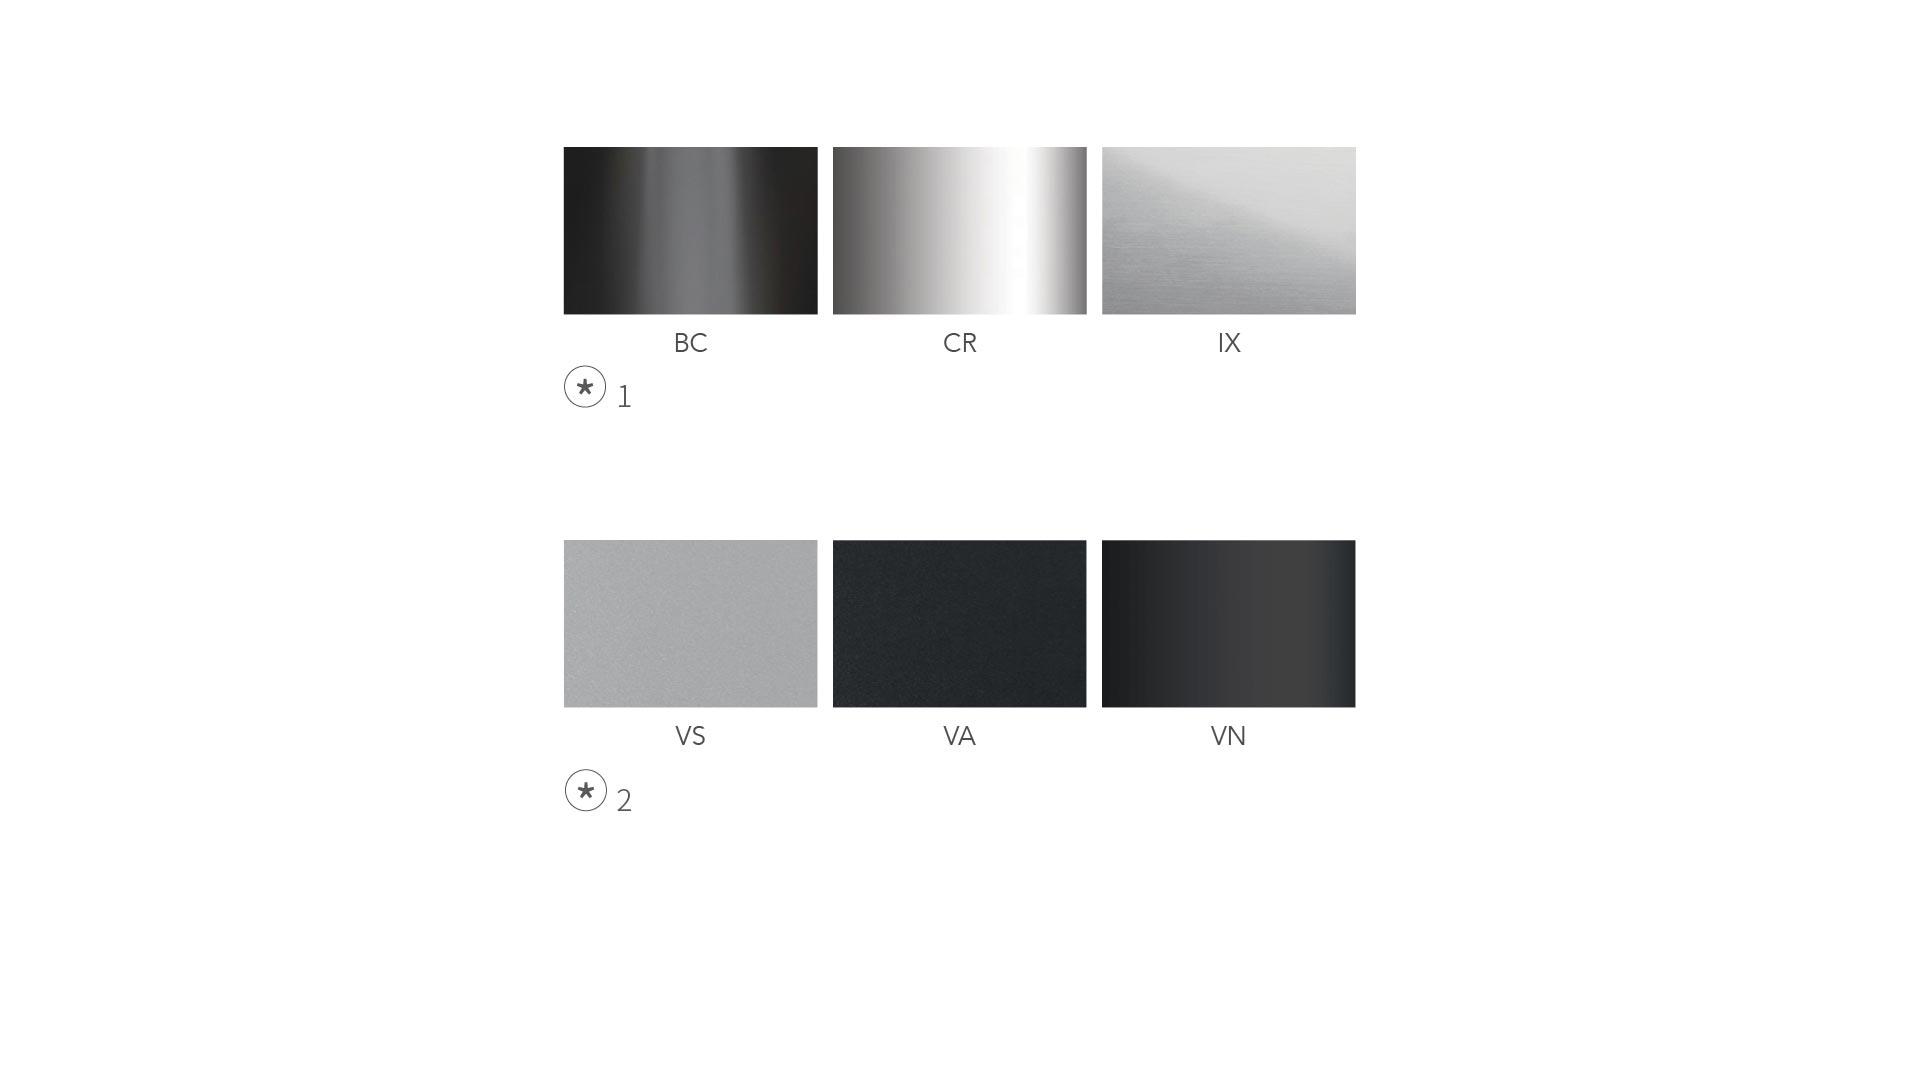 Materiali_metalli_1920x1080_v2.jpg